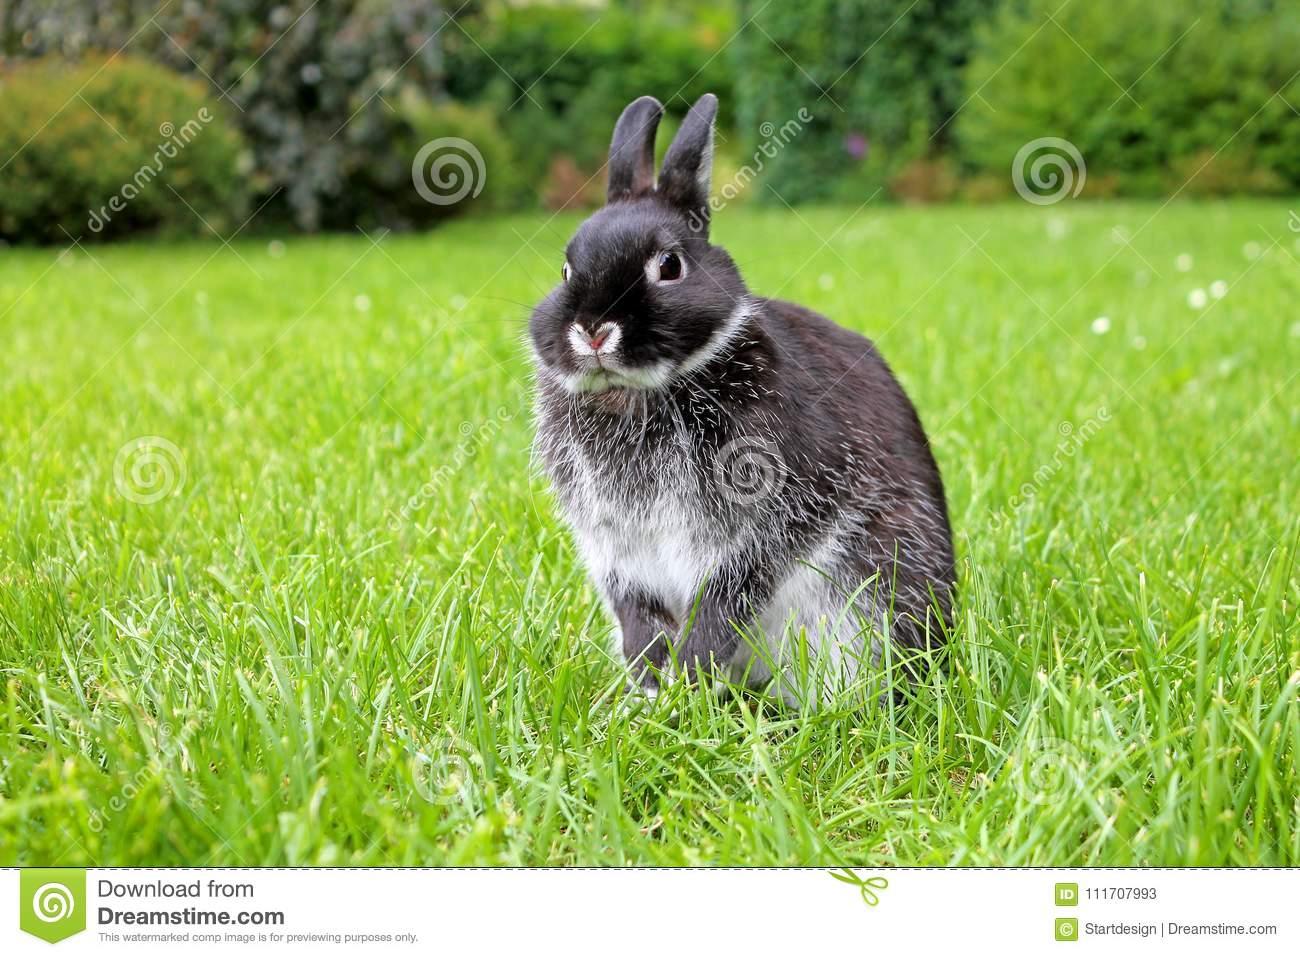 Кролик немецкий черный великан строкач - описание, разведение, фото и видео | россельхоз.рф